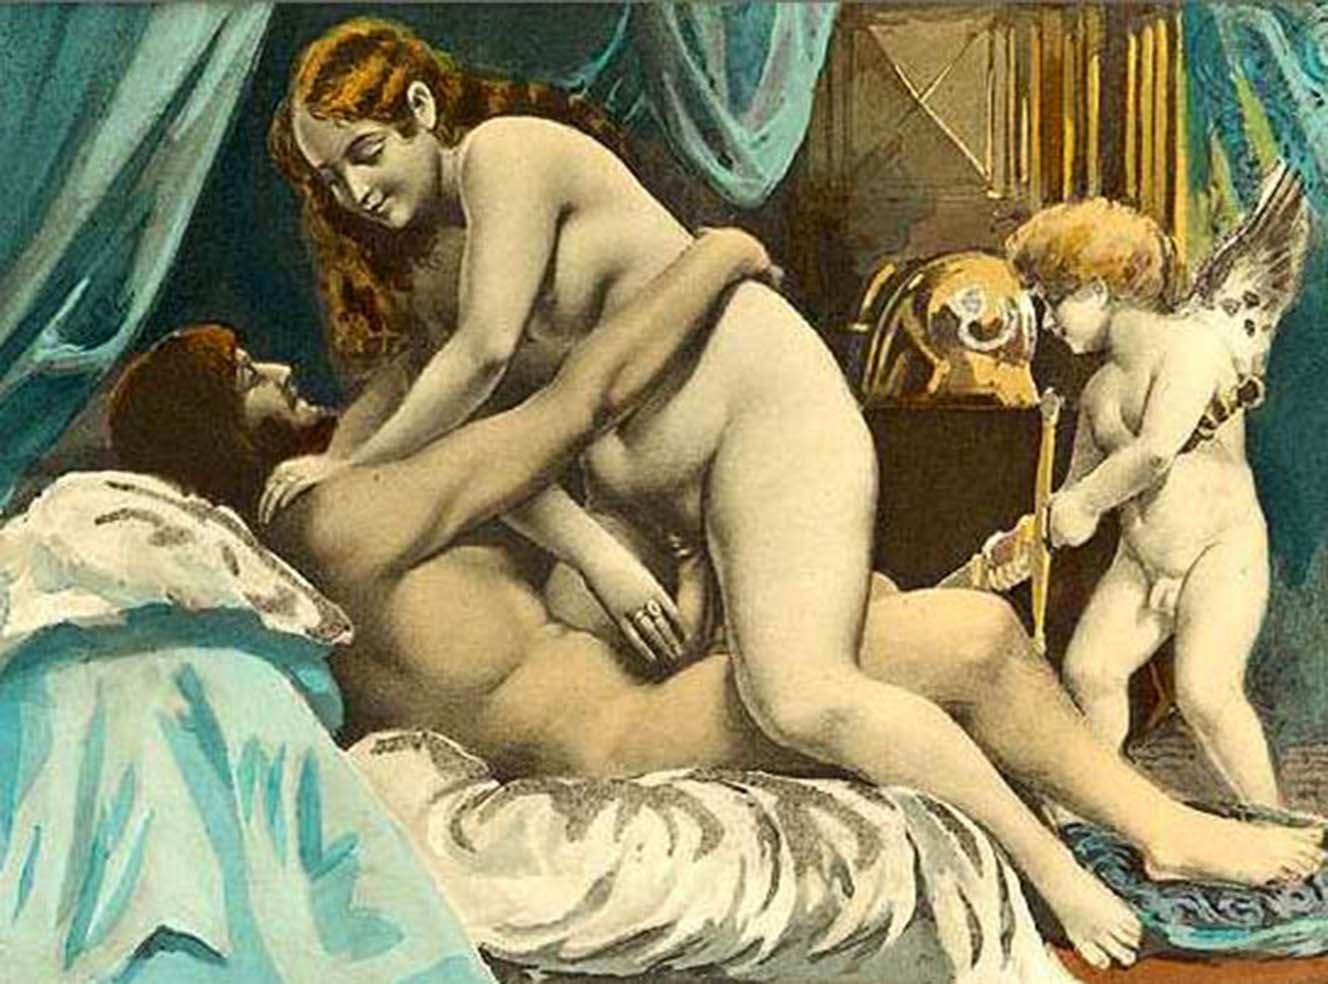 Анальный секс в древности видео